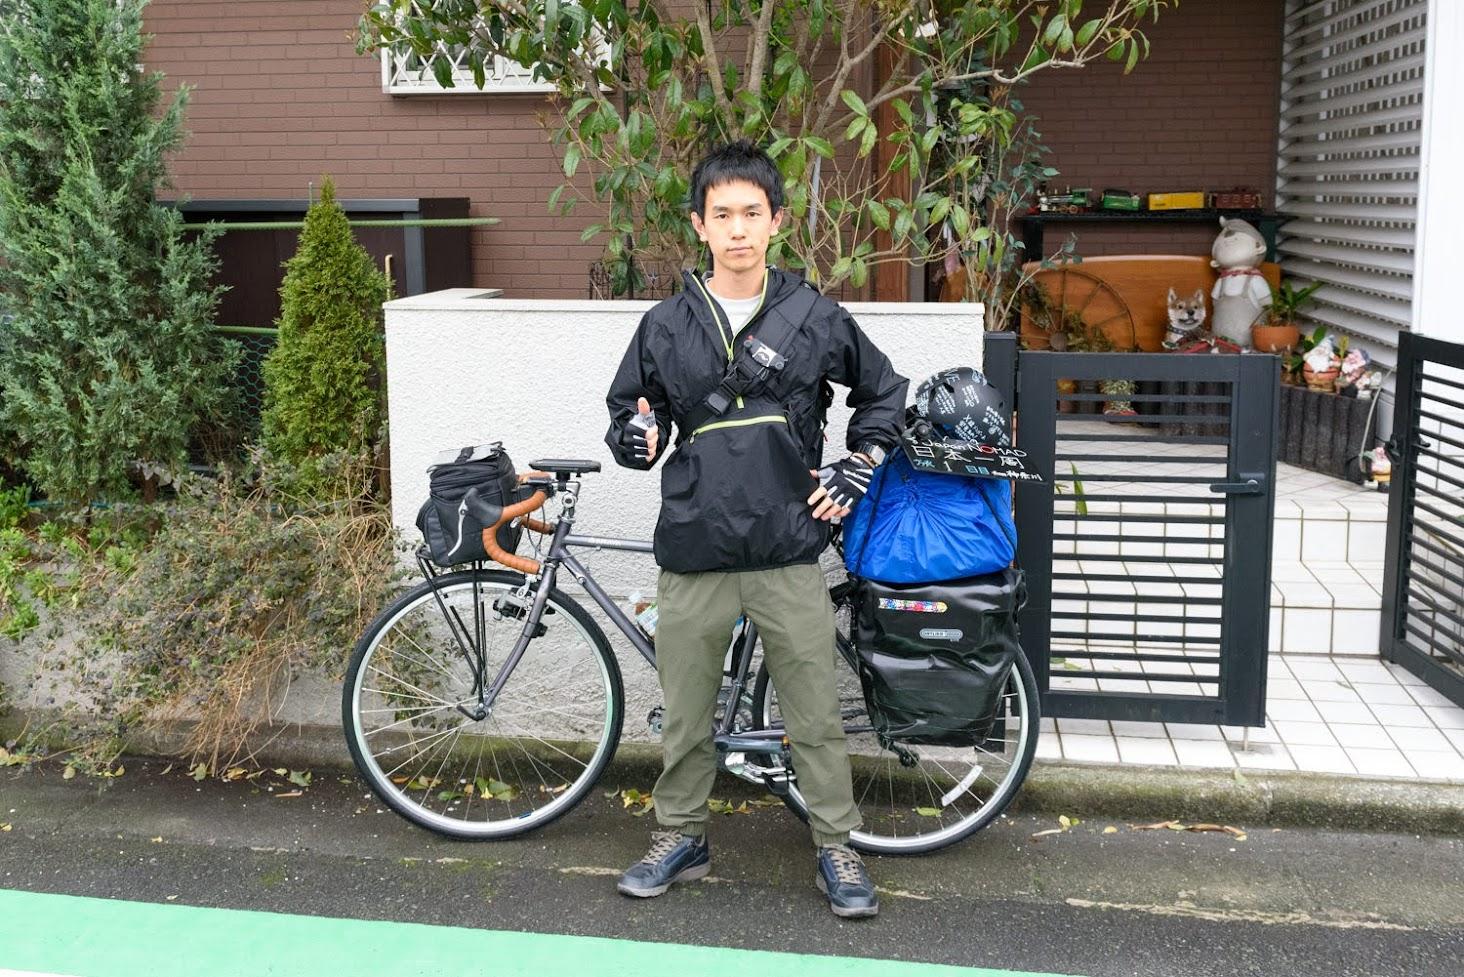 【旅1日目】自転車日本一周出発!東京湾フェリーで千葉を目指す